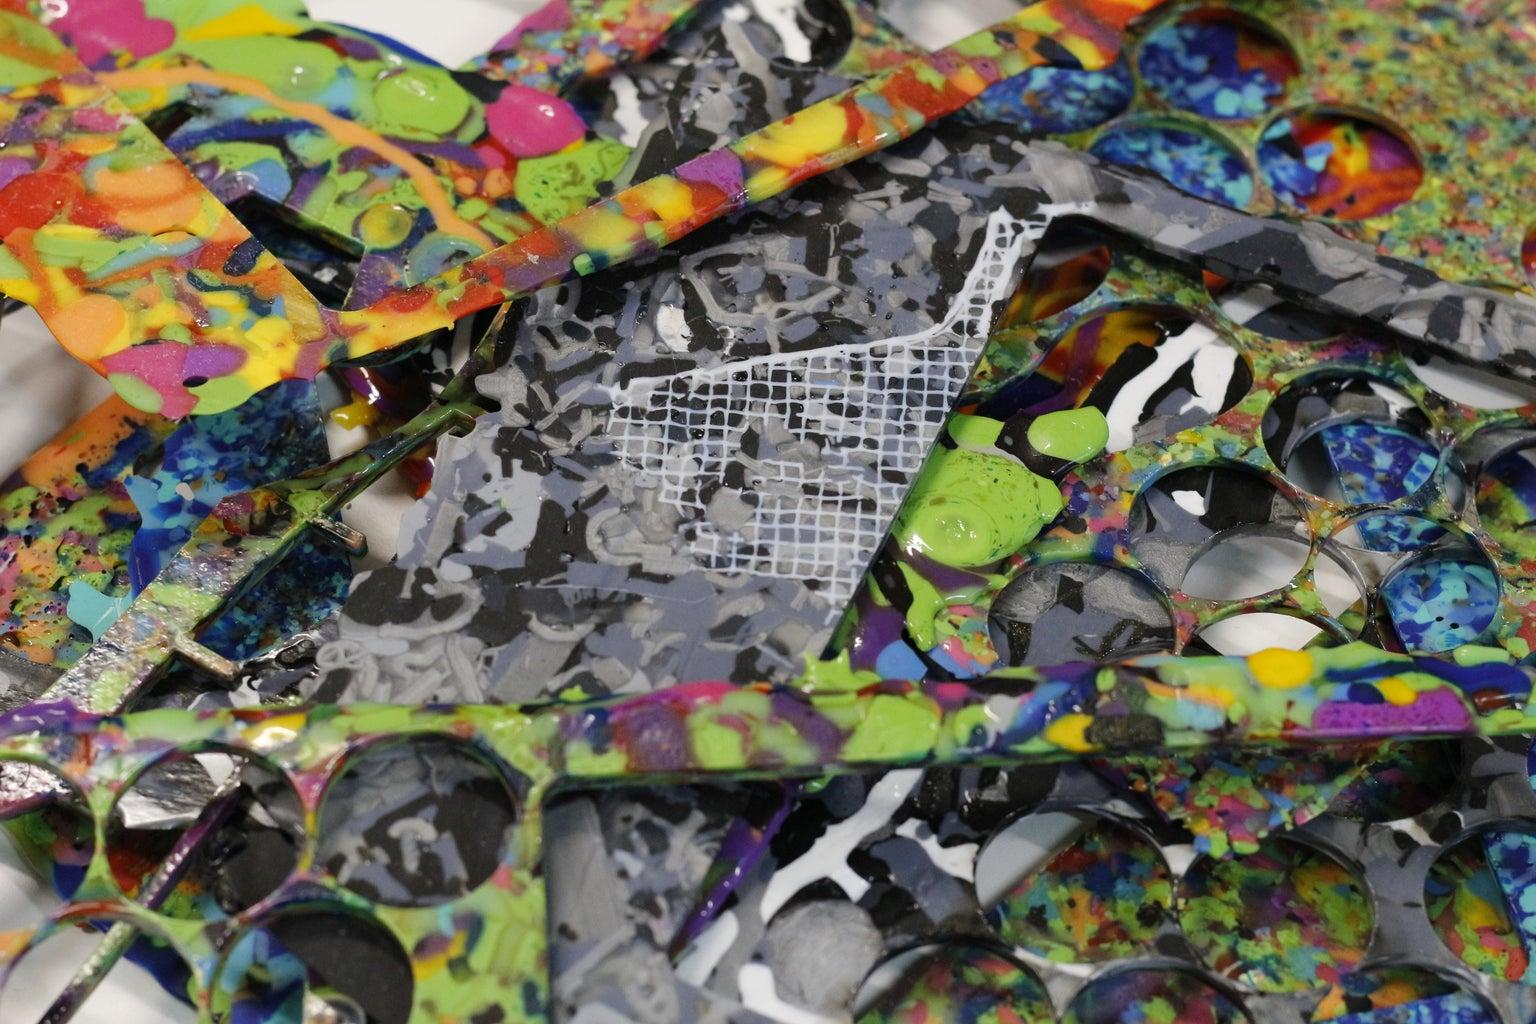 Shredding Plastic